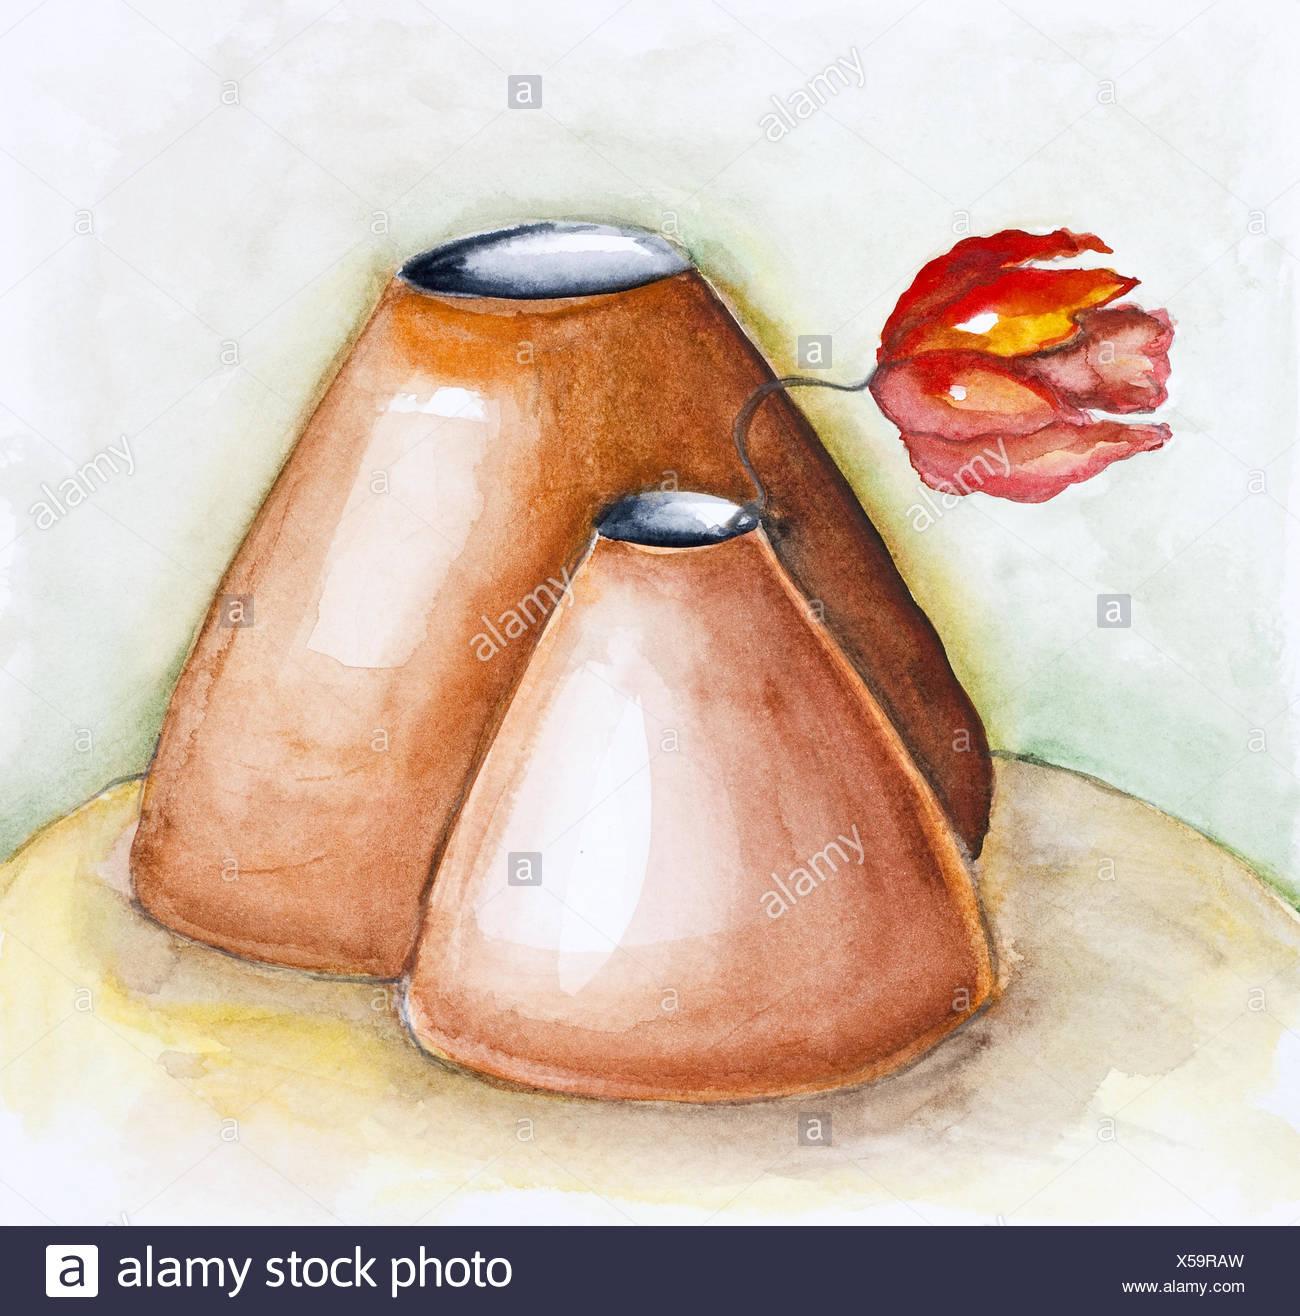 Gentle clay pots - Stock Image